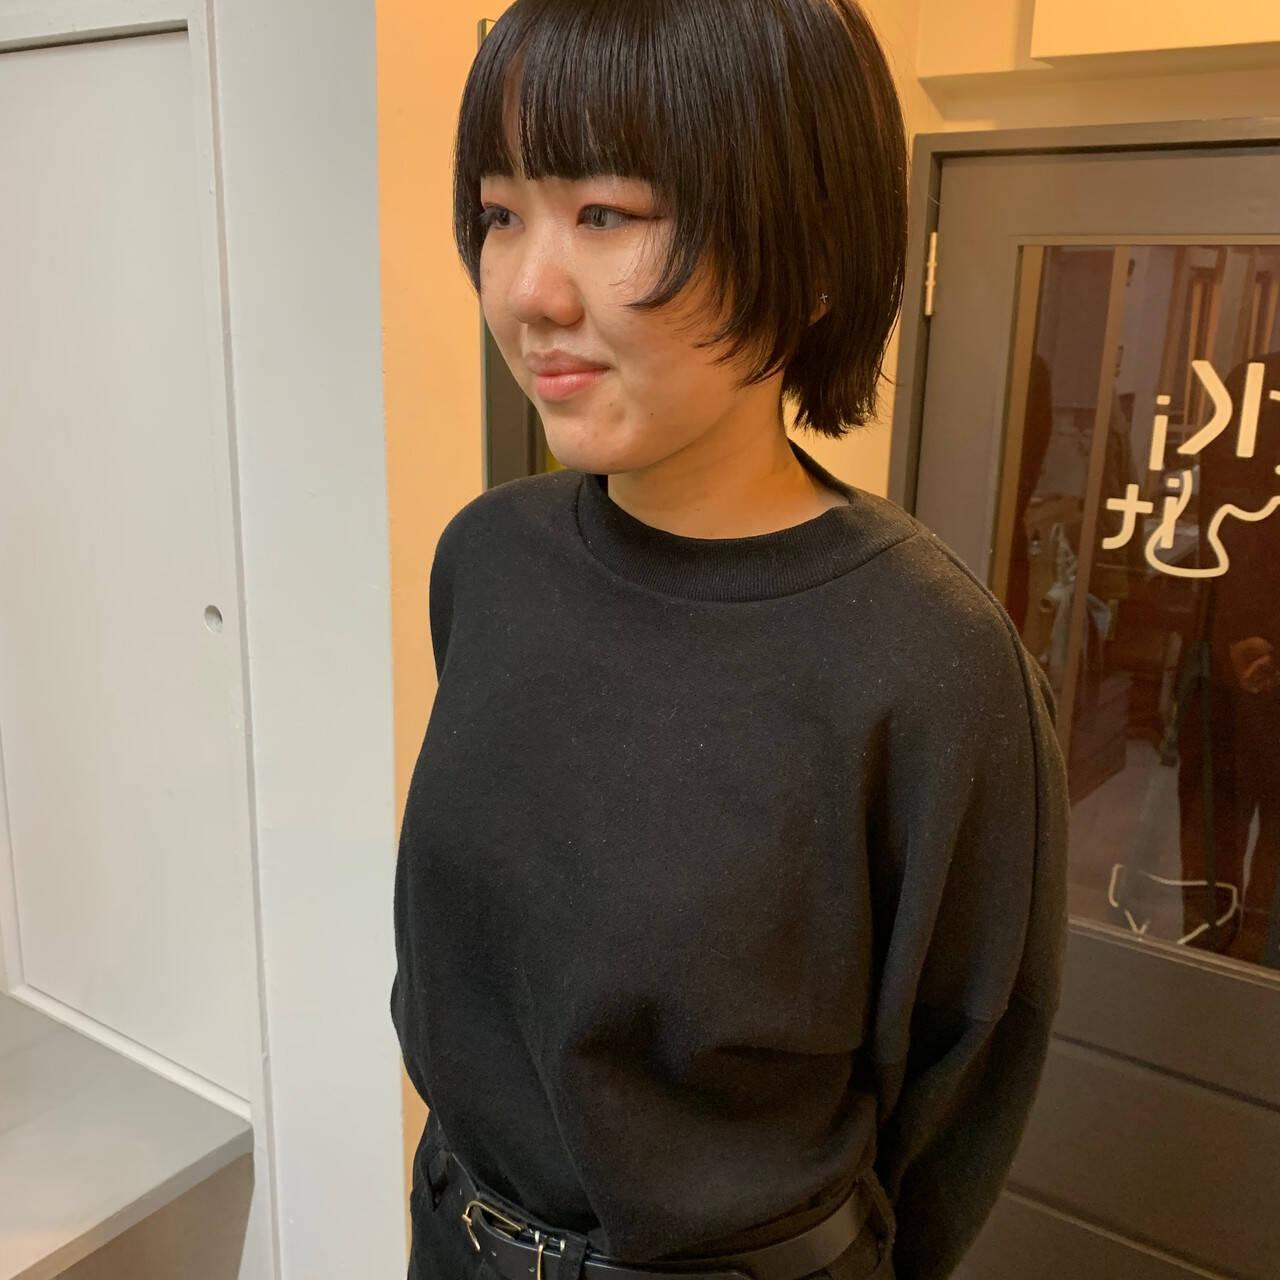 カジュアル ショート 黒髪 ウルフカットヘアスタイルや髪型の写真・画像